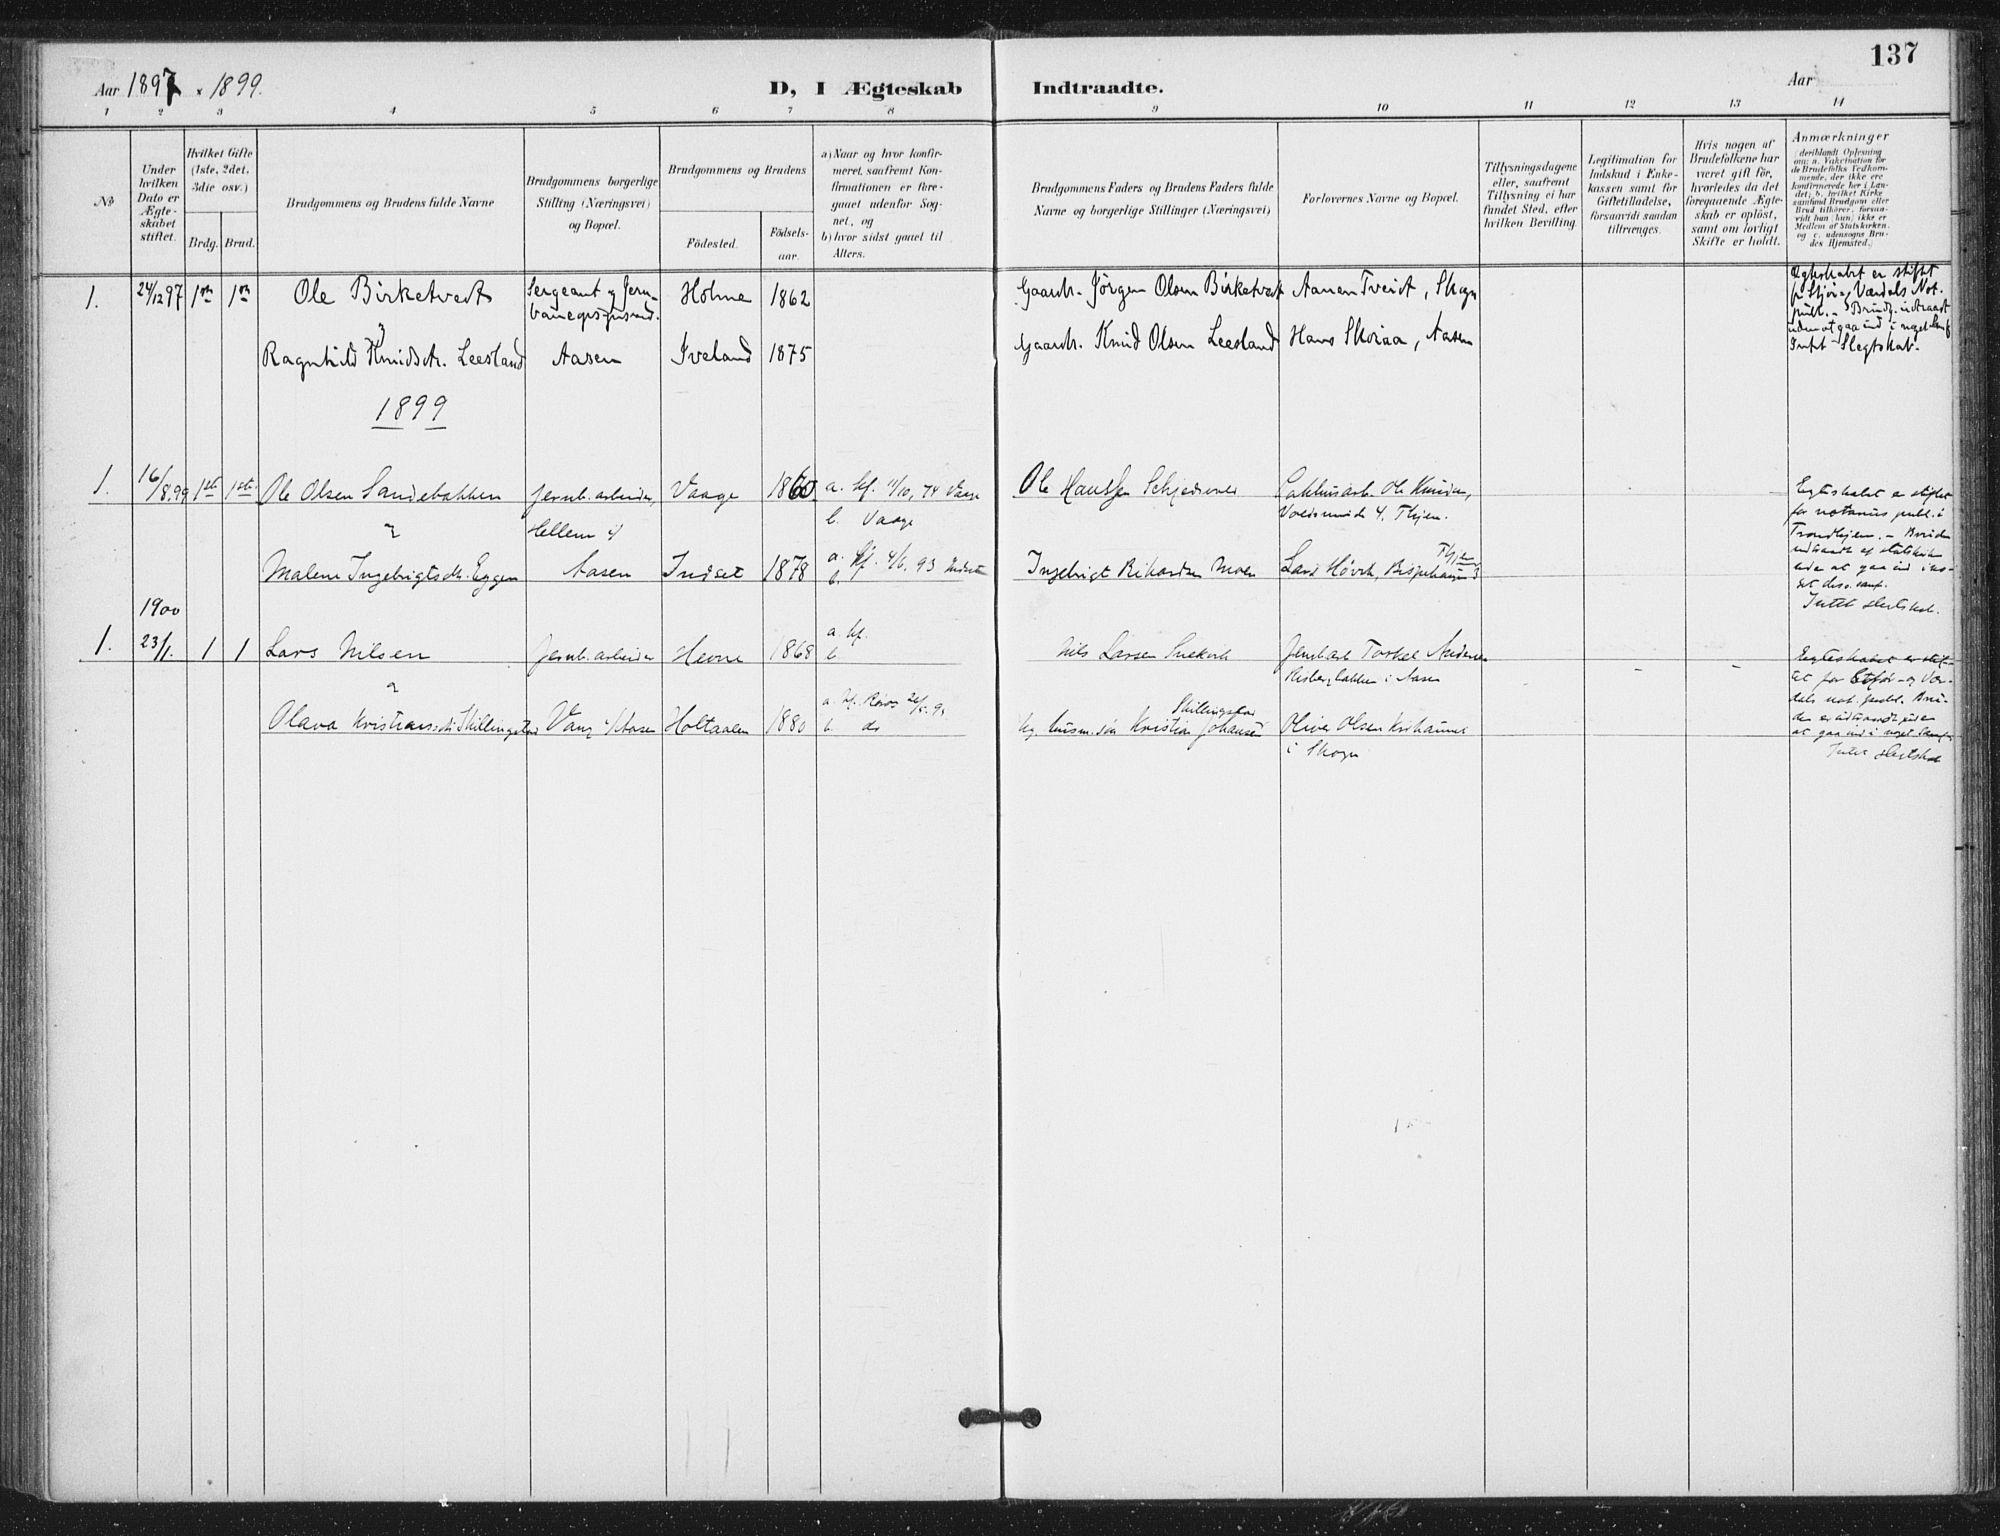 SAT, Ministerialprotokoller, klokkerbøker og fødselsregistre - Nord-Trøndelag, 714/L0131: Ministerialbok nr. 714A02, 1896-1918, s. 137